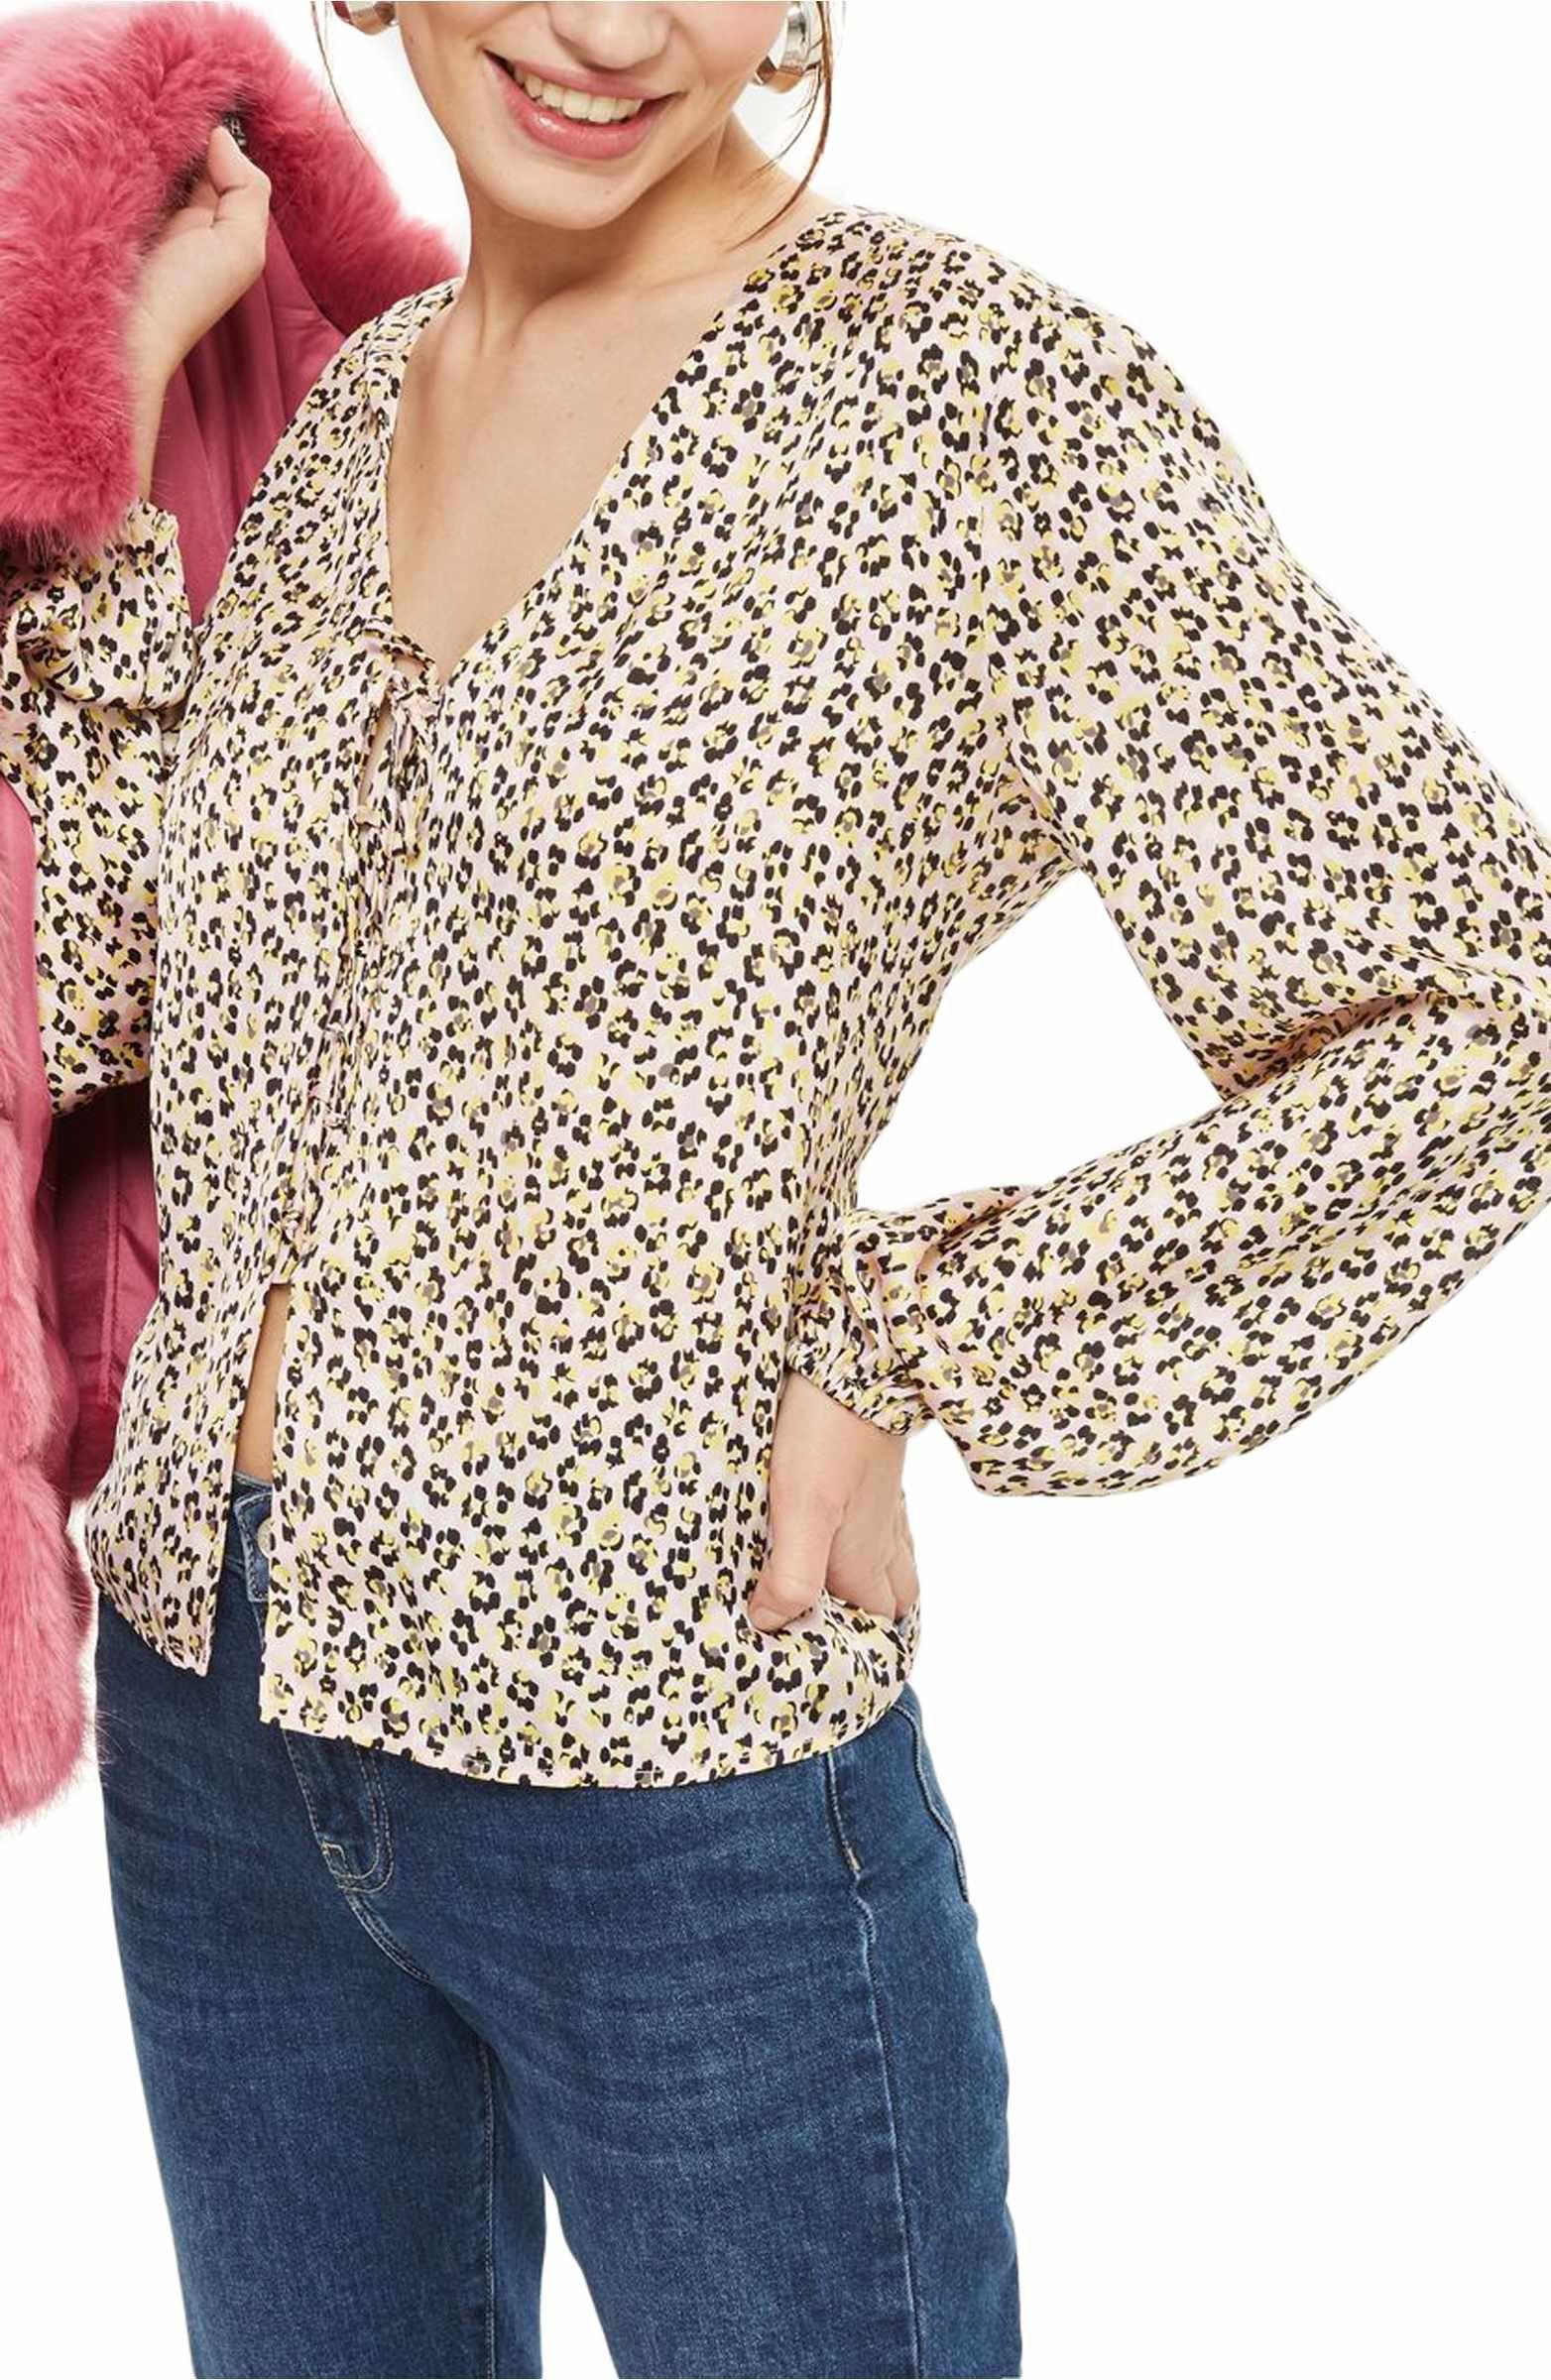 b978c4c3a49f Main Image - Topshop Leopard Print Tie Front Blouse   Wear it   Tie ...